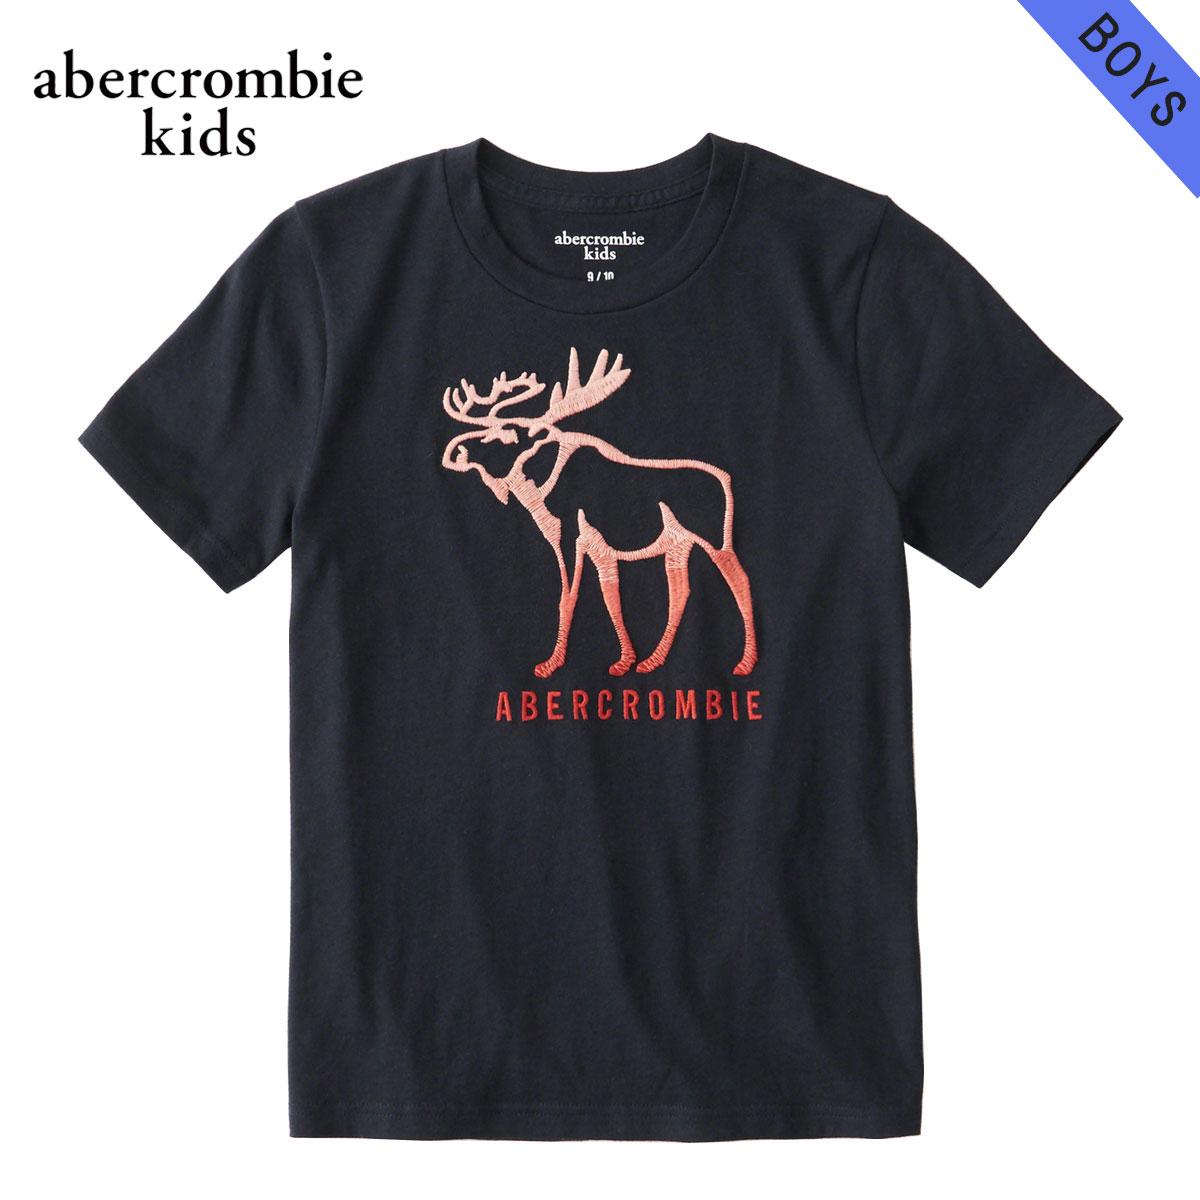 アバクロキッズ AbercrombieKids 正規品 子供服 ボーイズ 半袖Tシャツ logo graphic tee 223-616-0114-023